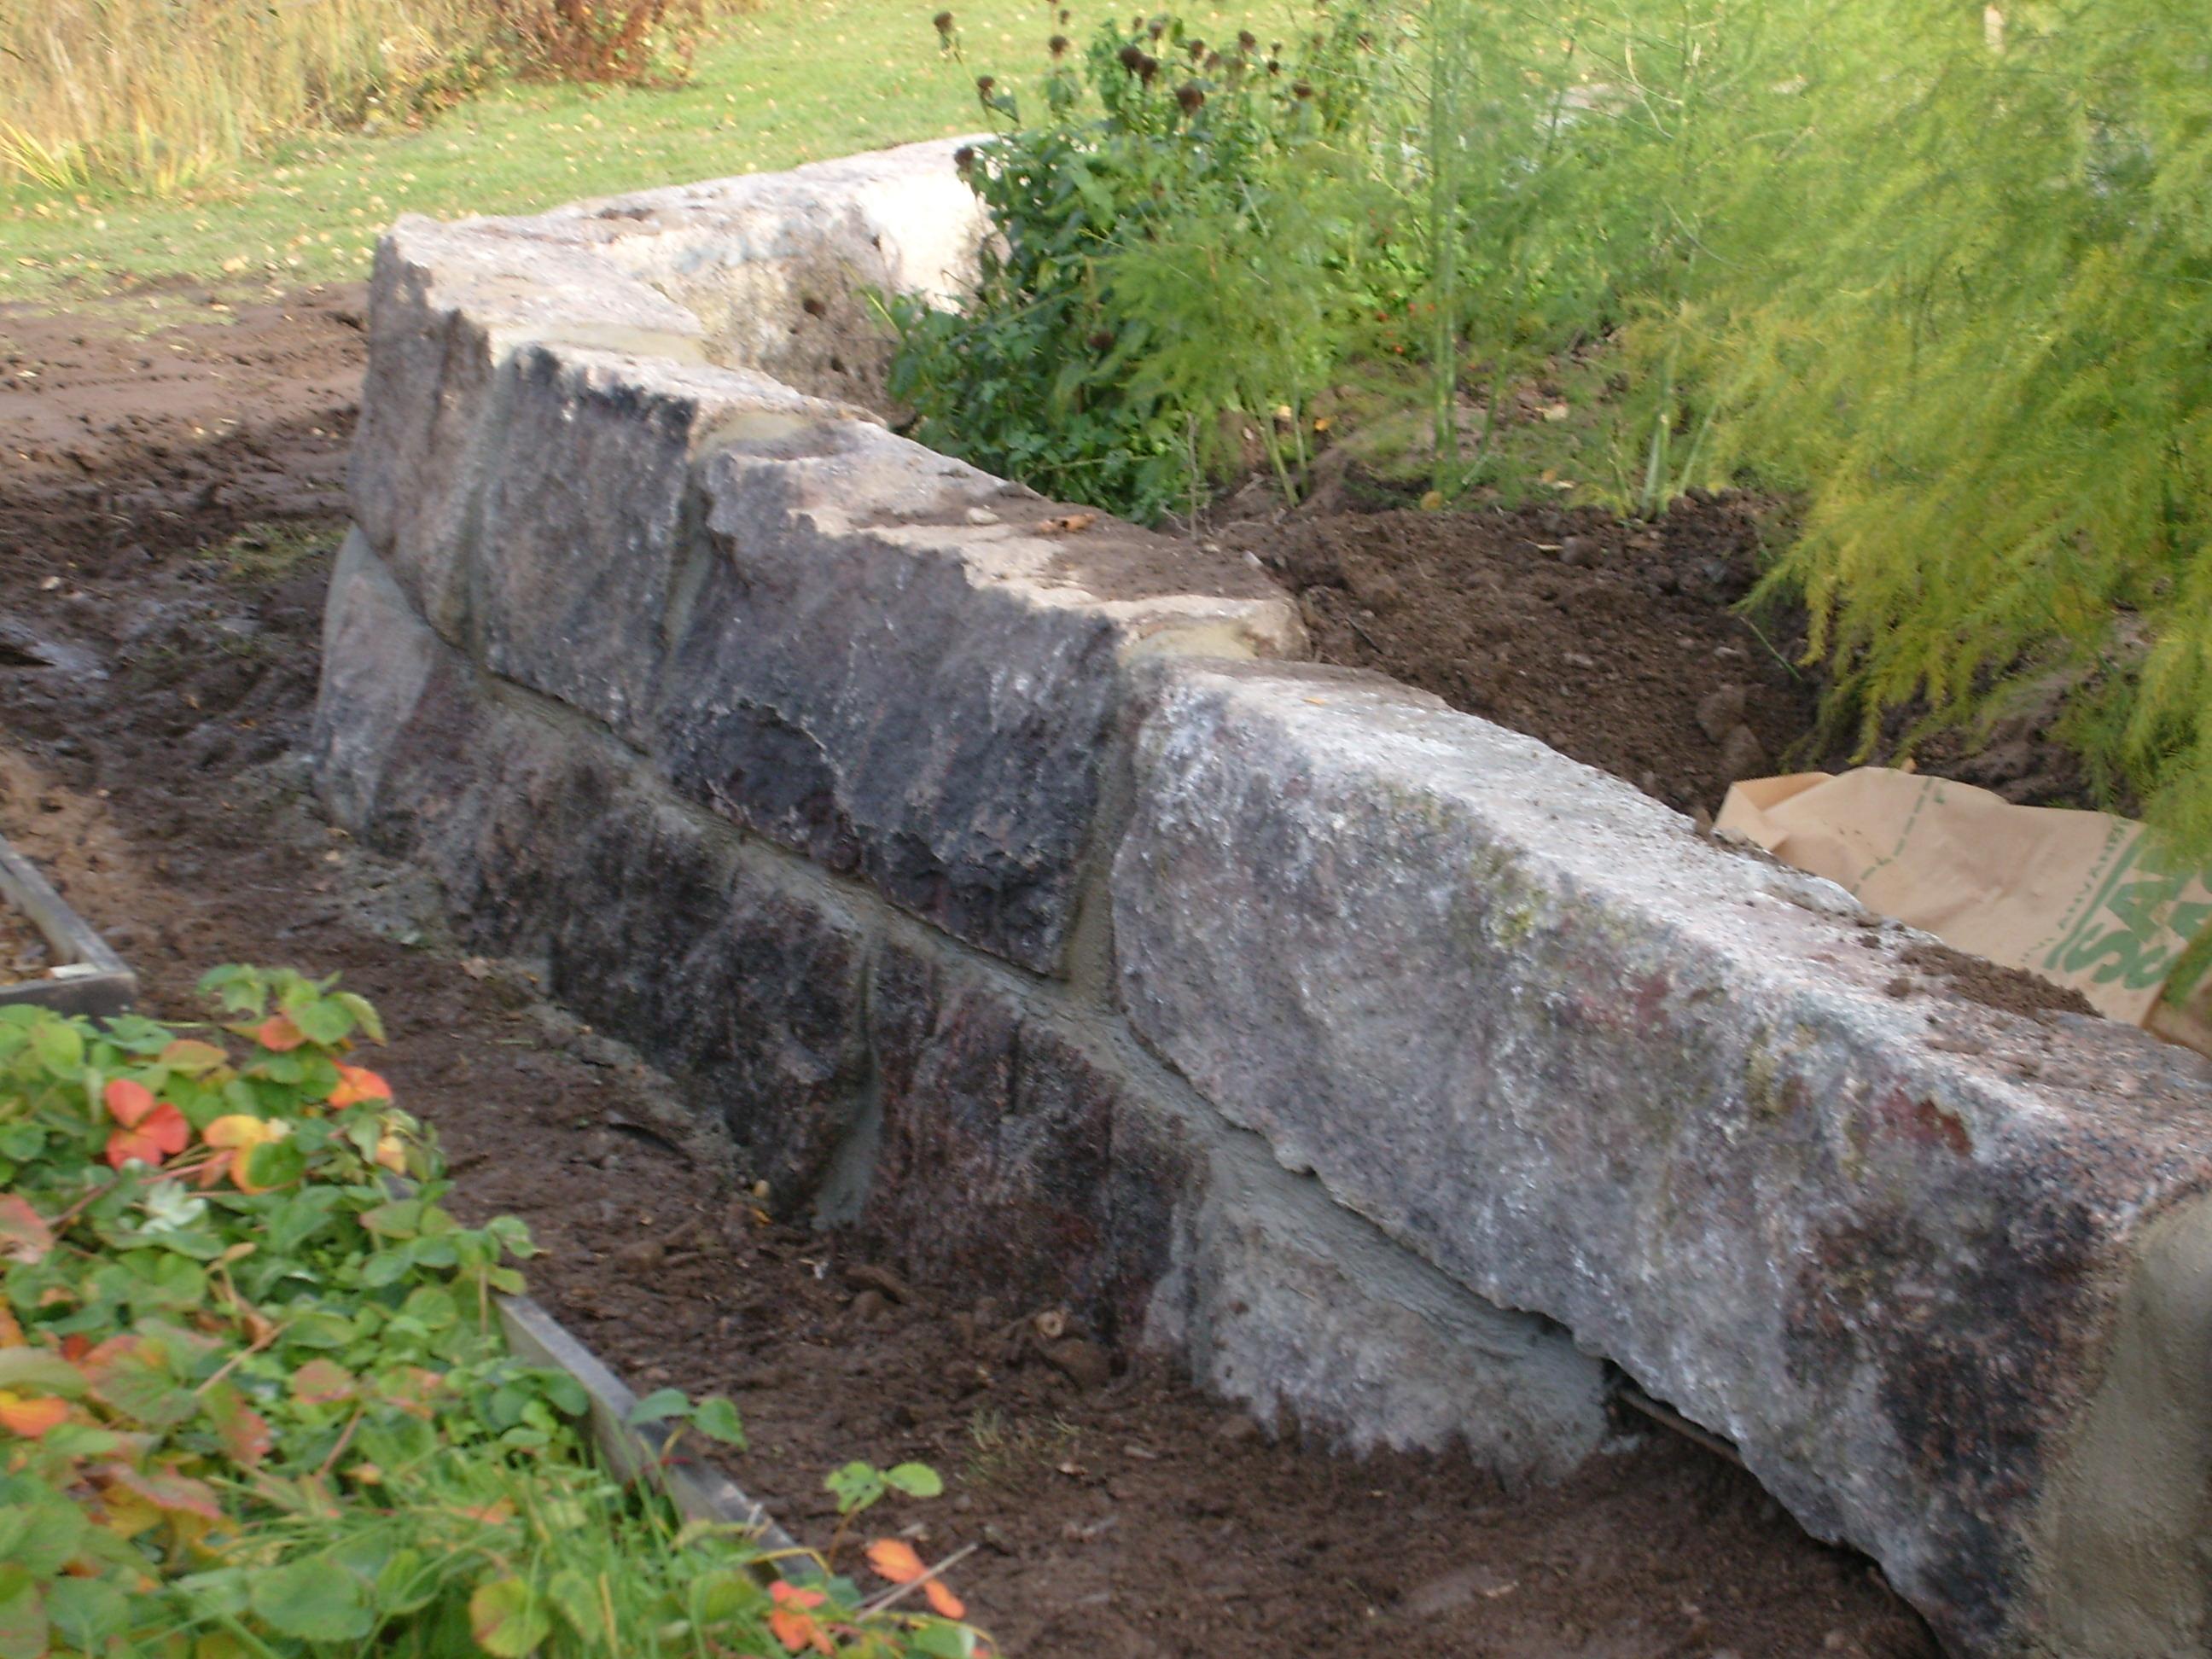 Sten, murar, husgrund, dränering - allt för mark & trädgård